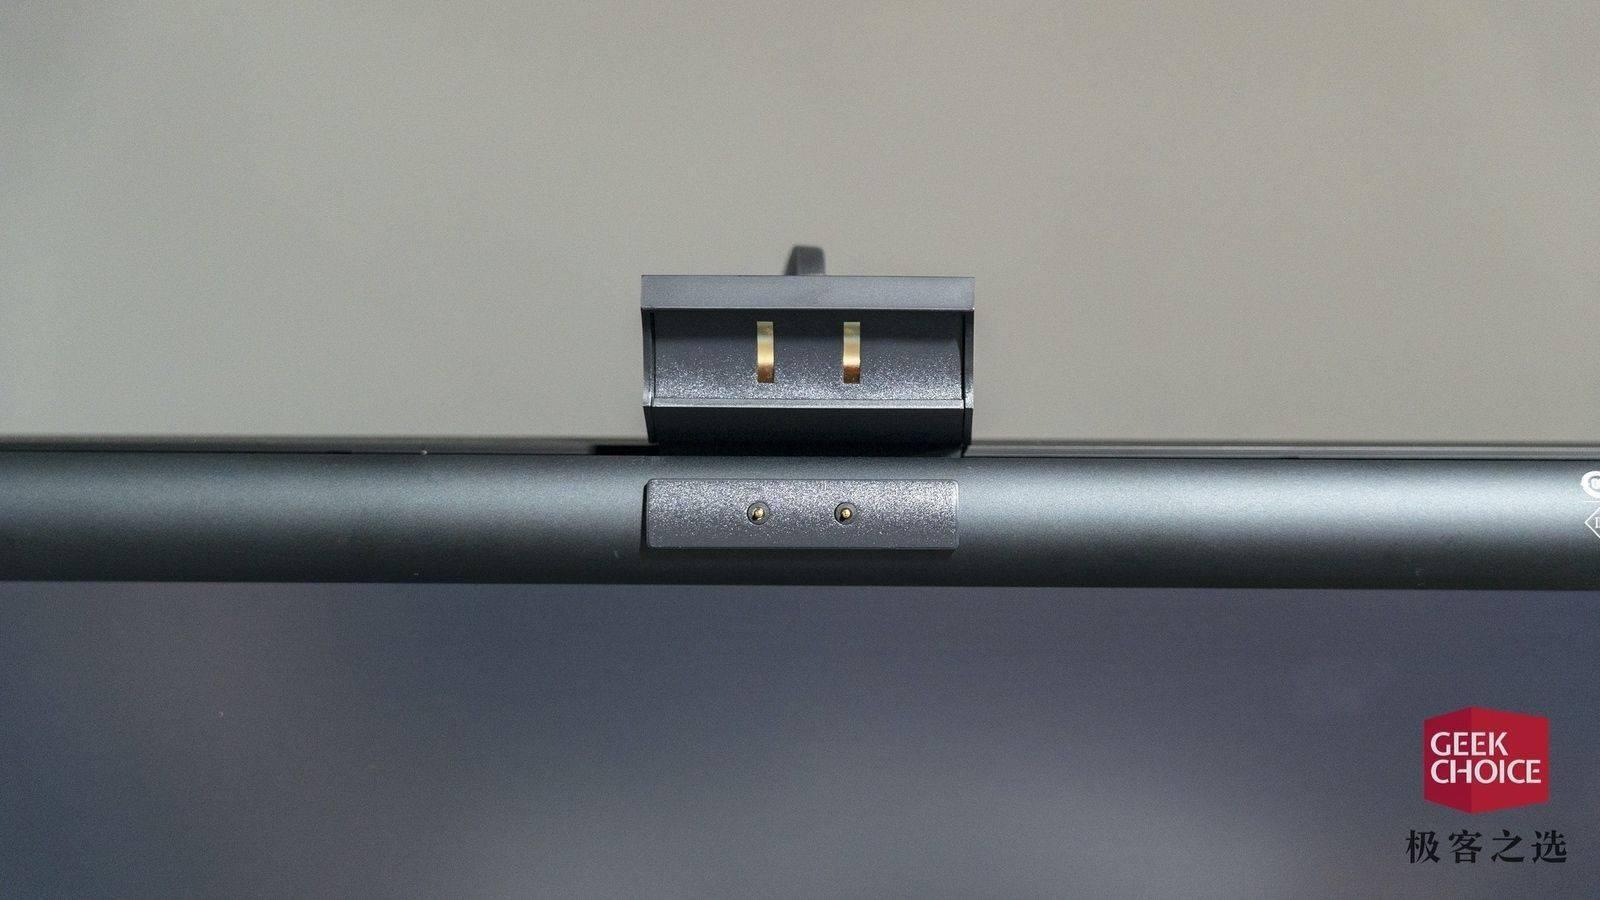 米家显示器挂灯体验:众筹价 169 元,有了台灯我还需要它吗?